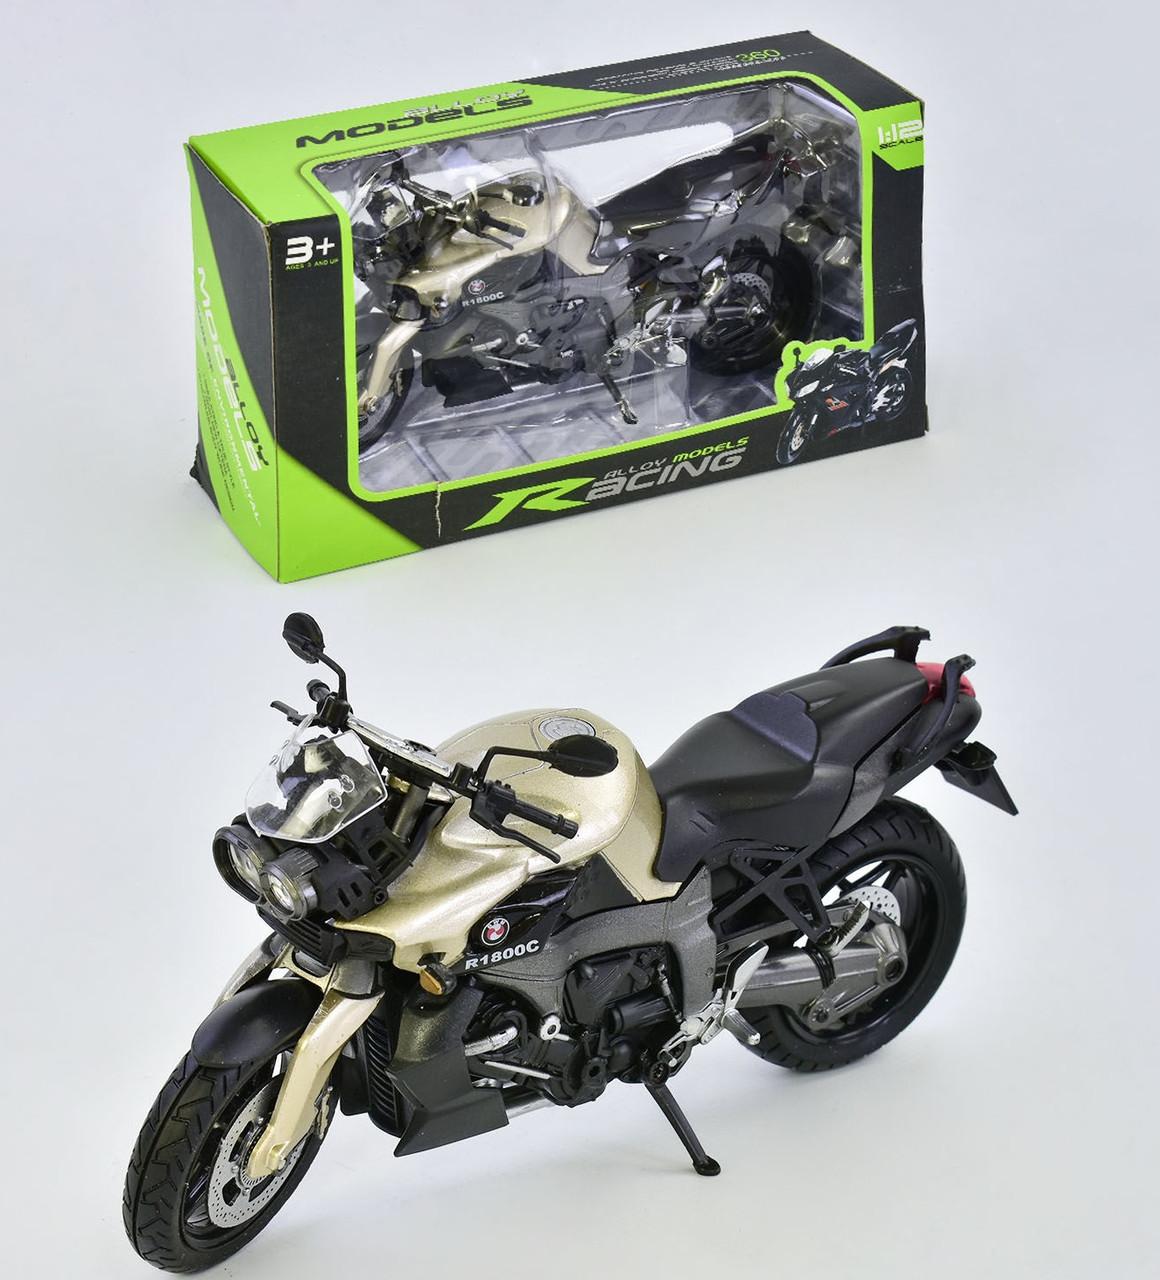 Мотоцикл Racing металлопластик, в коробке HX 792-1